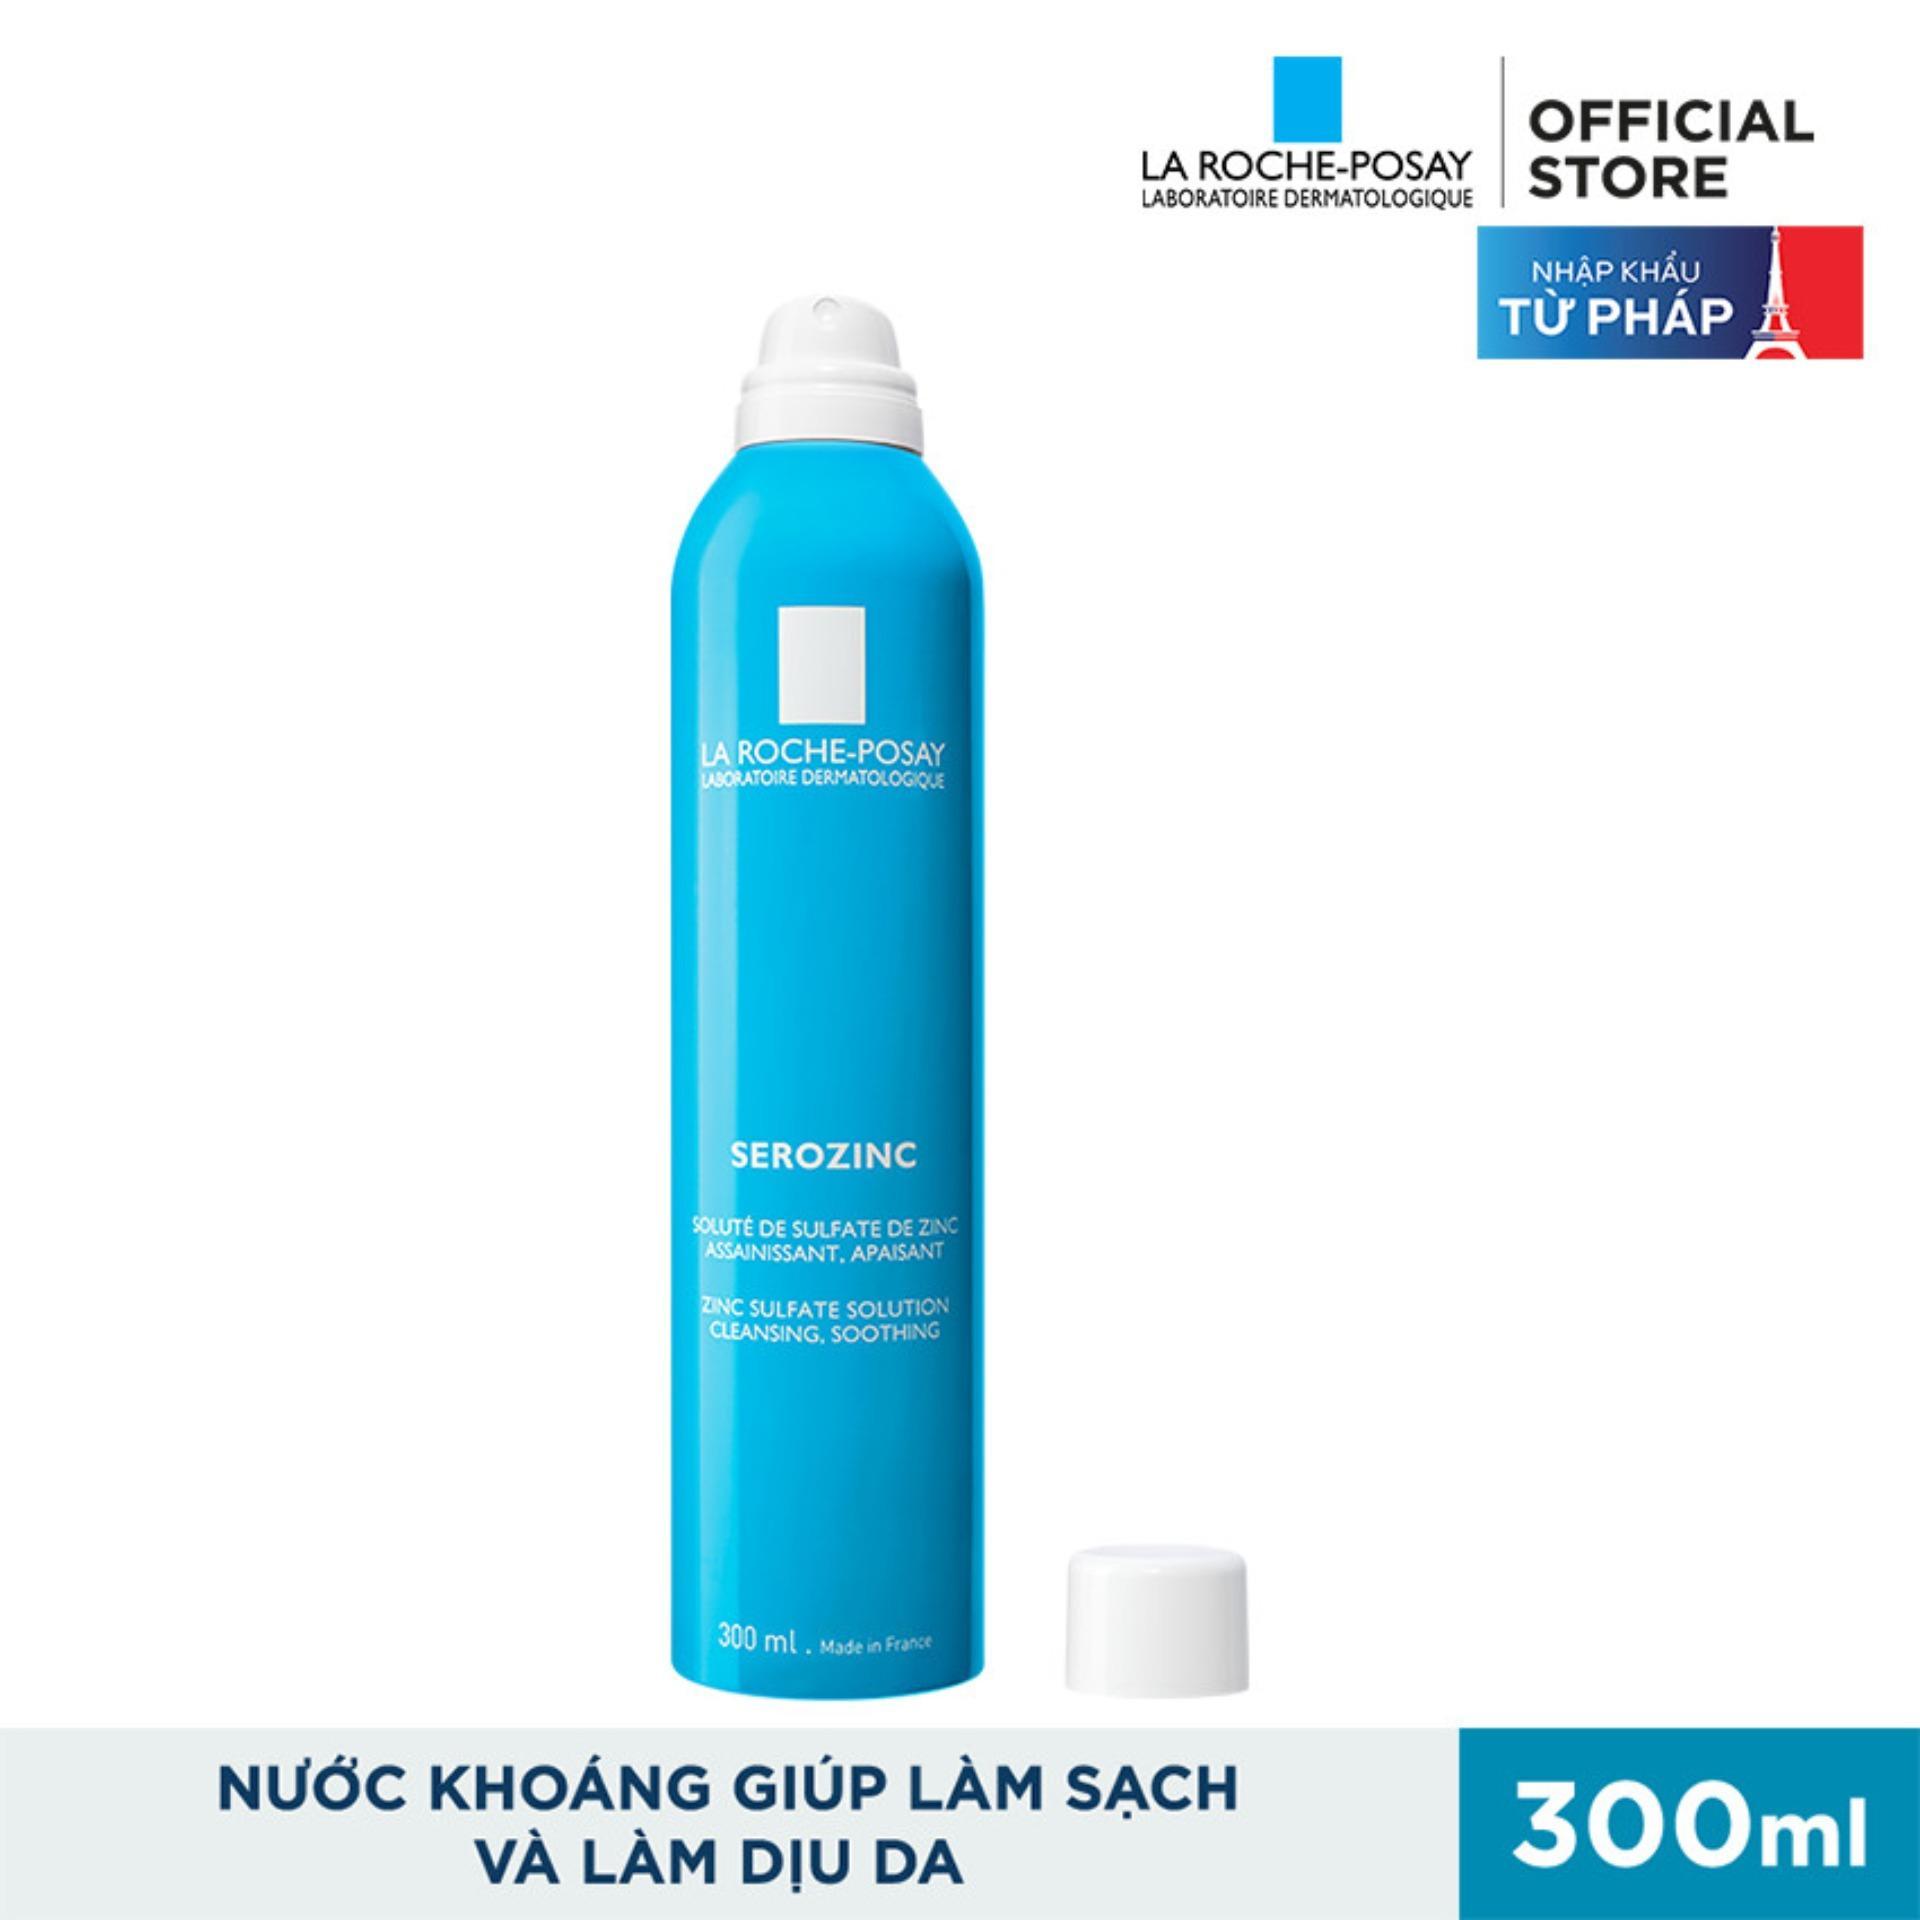 Xịt khoáng giúp làm sạch & làm dịu da La Roche Posay Serozinc  300ML nhập khẩu